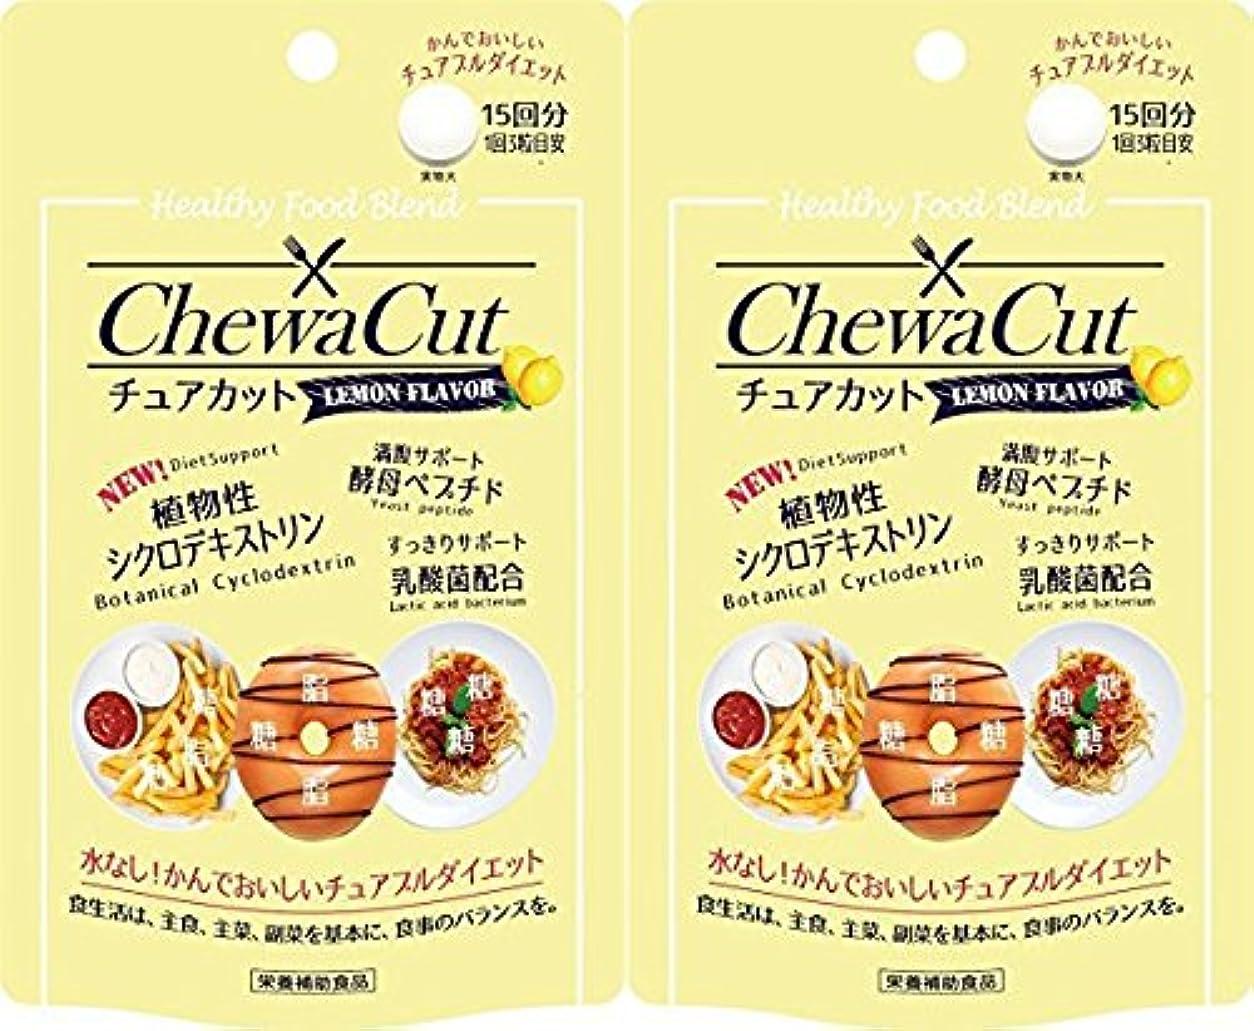 デコレーション型ズボン【2個セット】チュアカット レモン 45粒